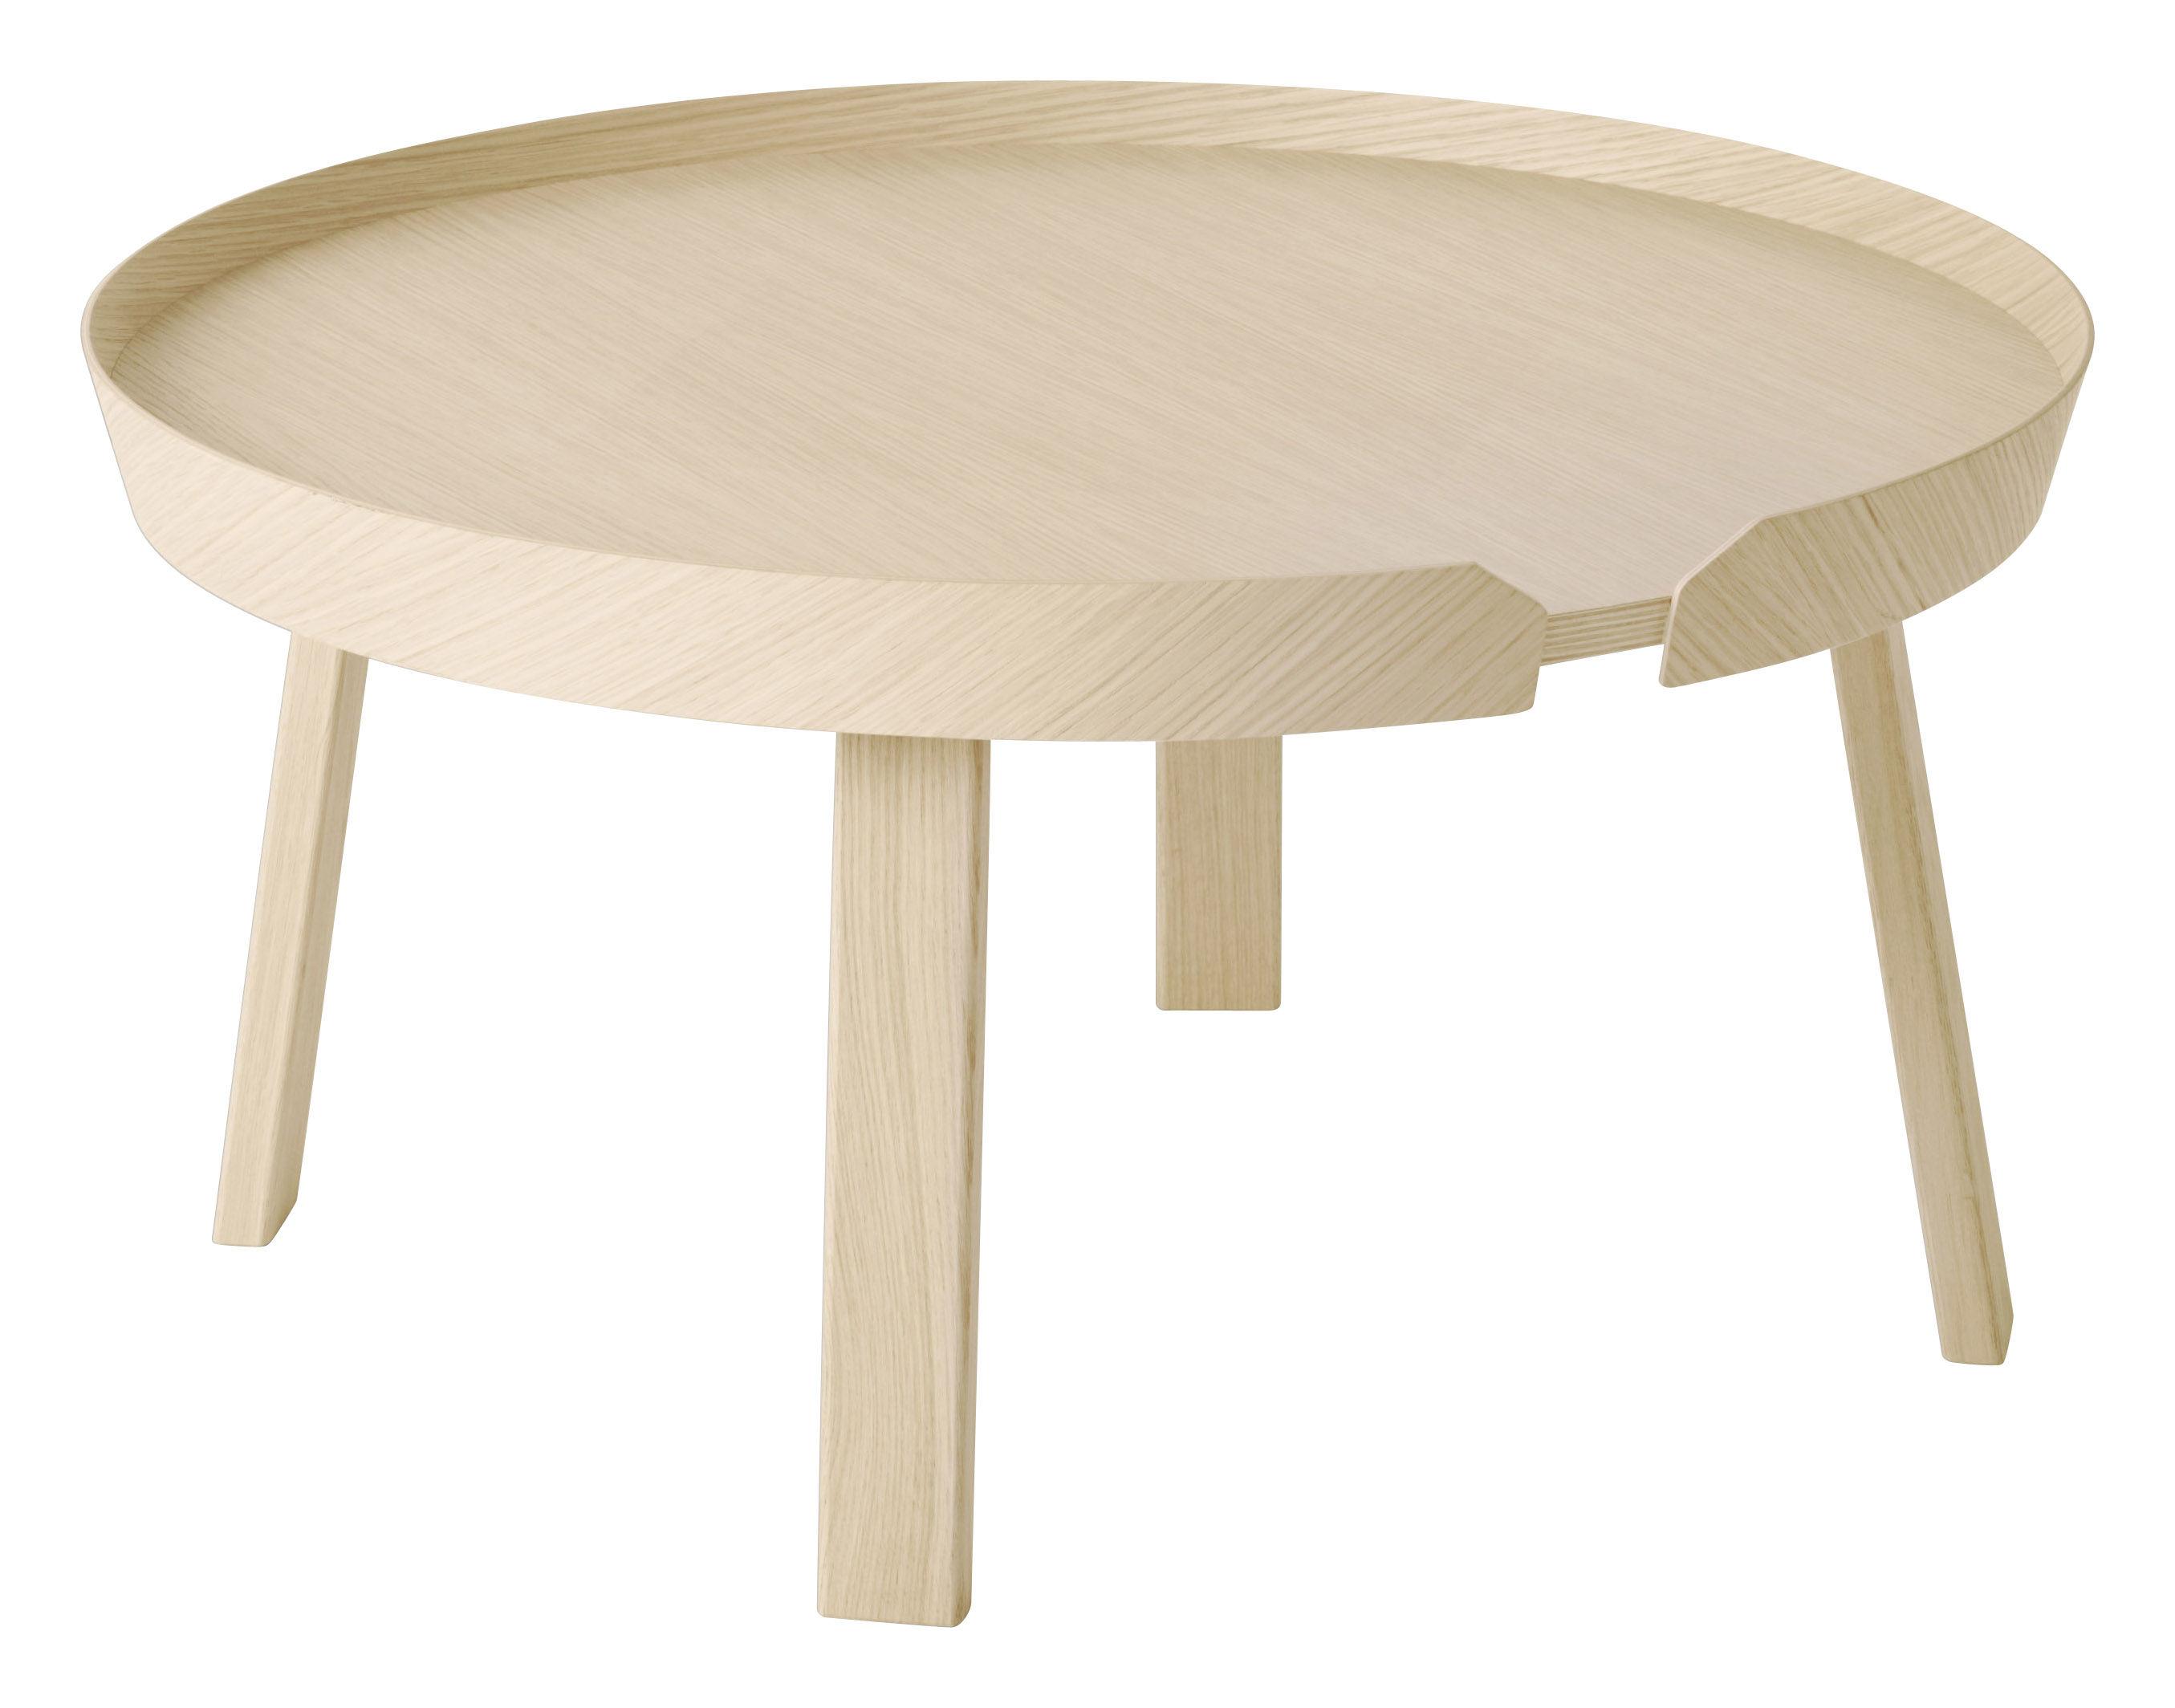 Möbel - Couchtische - Around Couchtisch Groß - Ø 72 x H 37,5 cm - Muuto - Esche natur - Esche